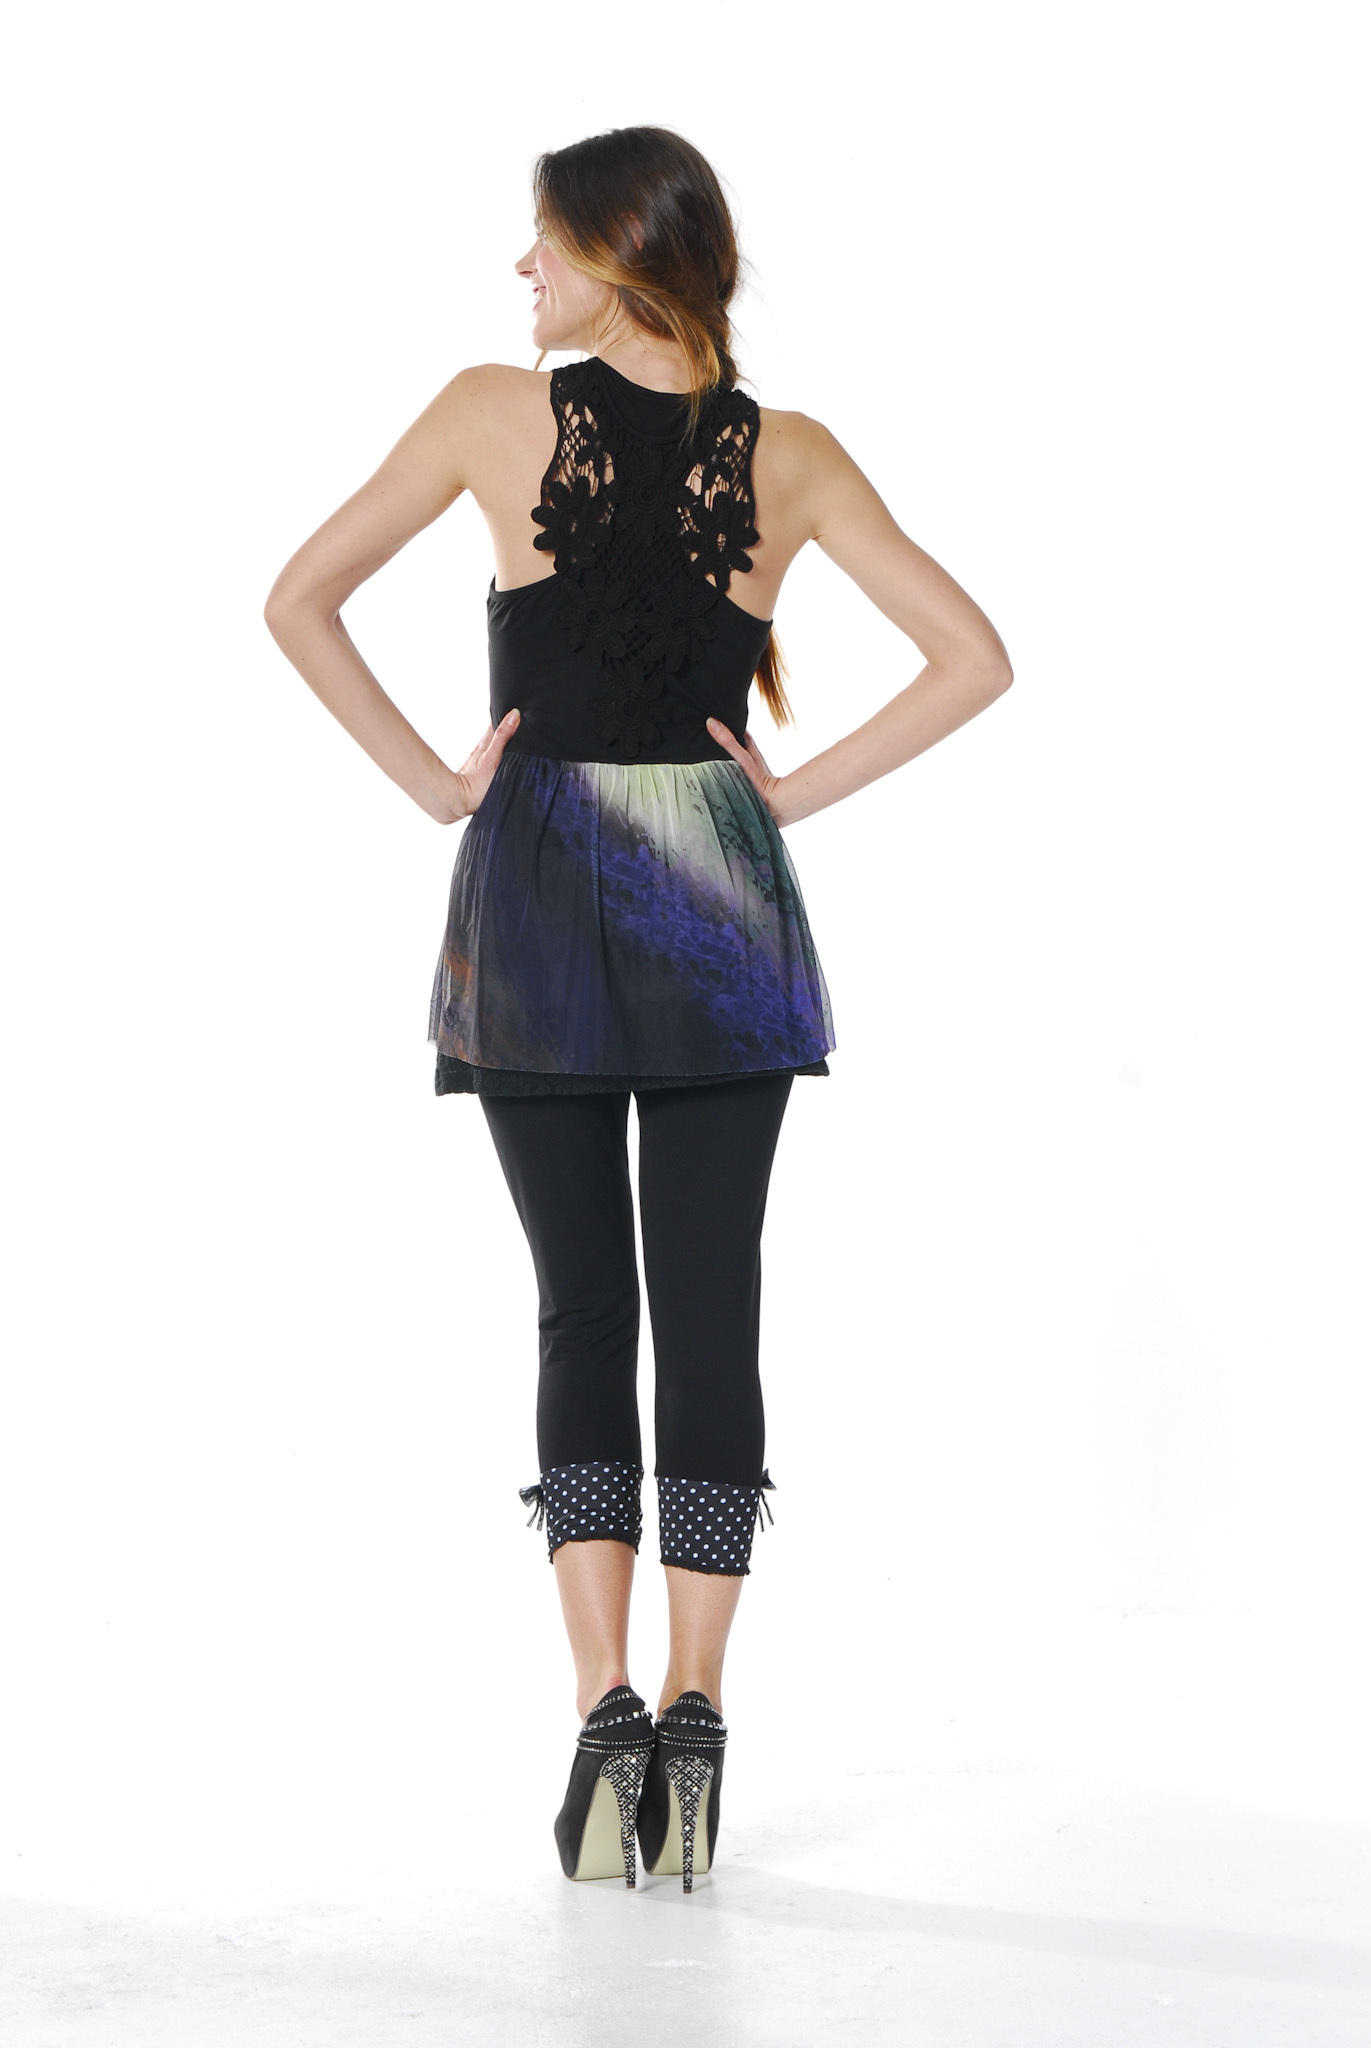 Les Fees Du Vent Couture: Bow Tie & Button Legging LFDV_888019